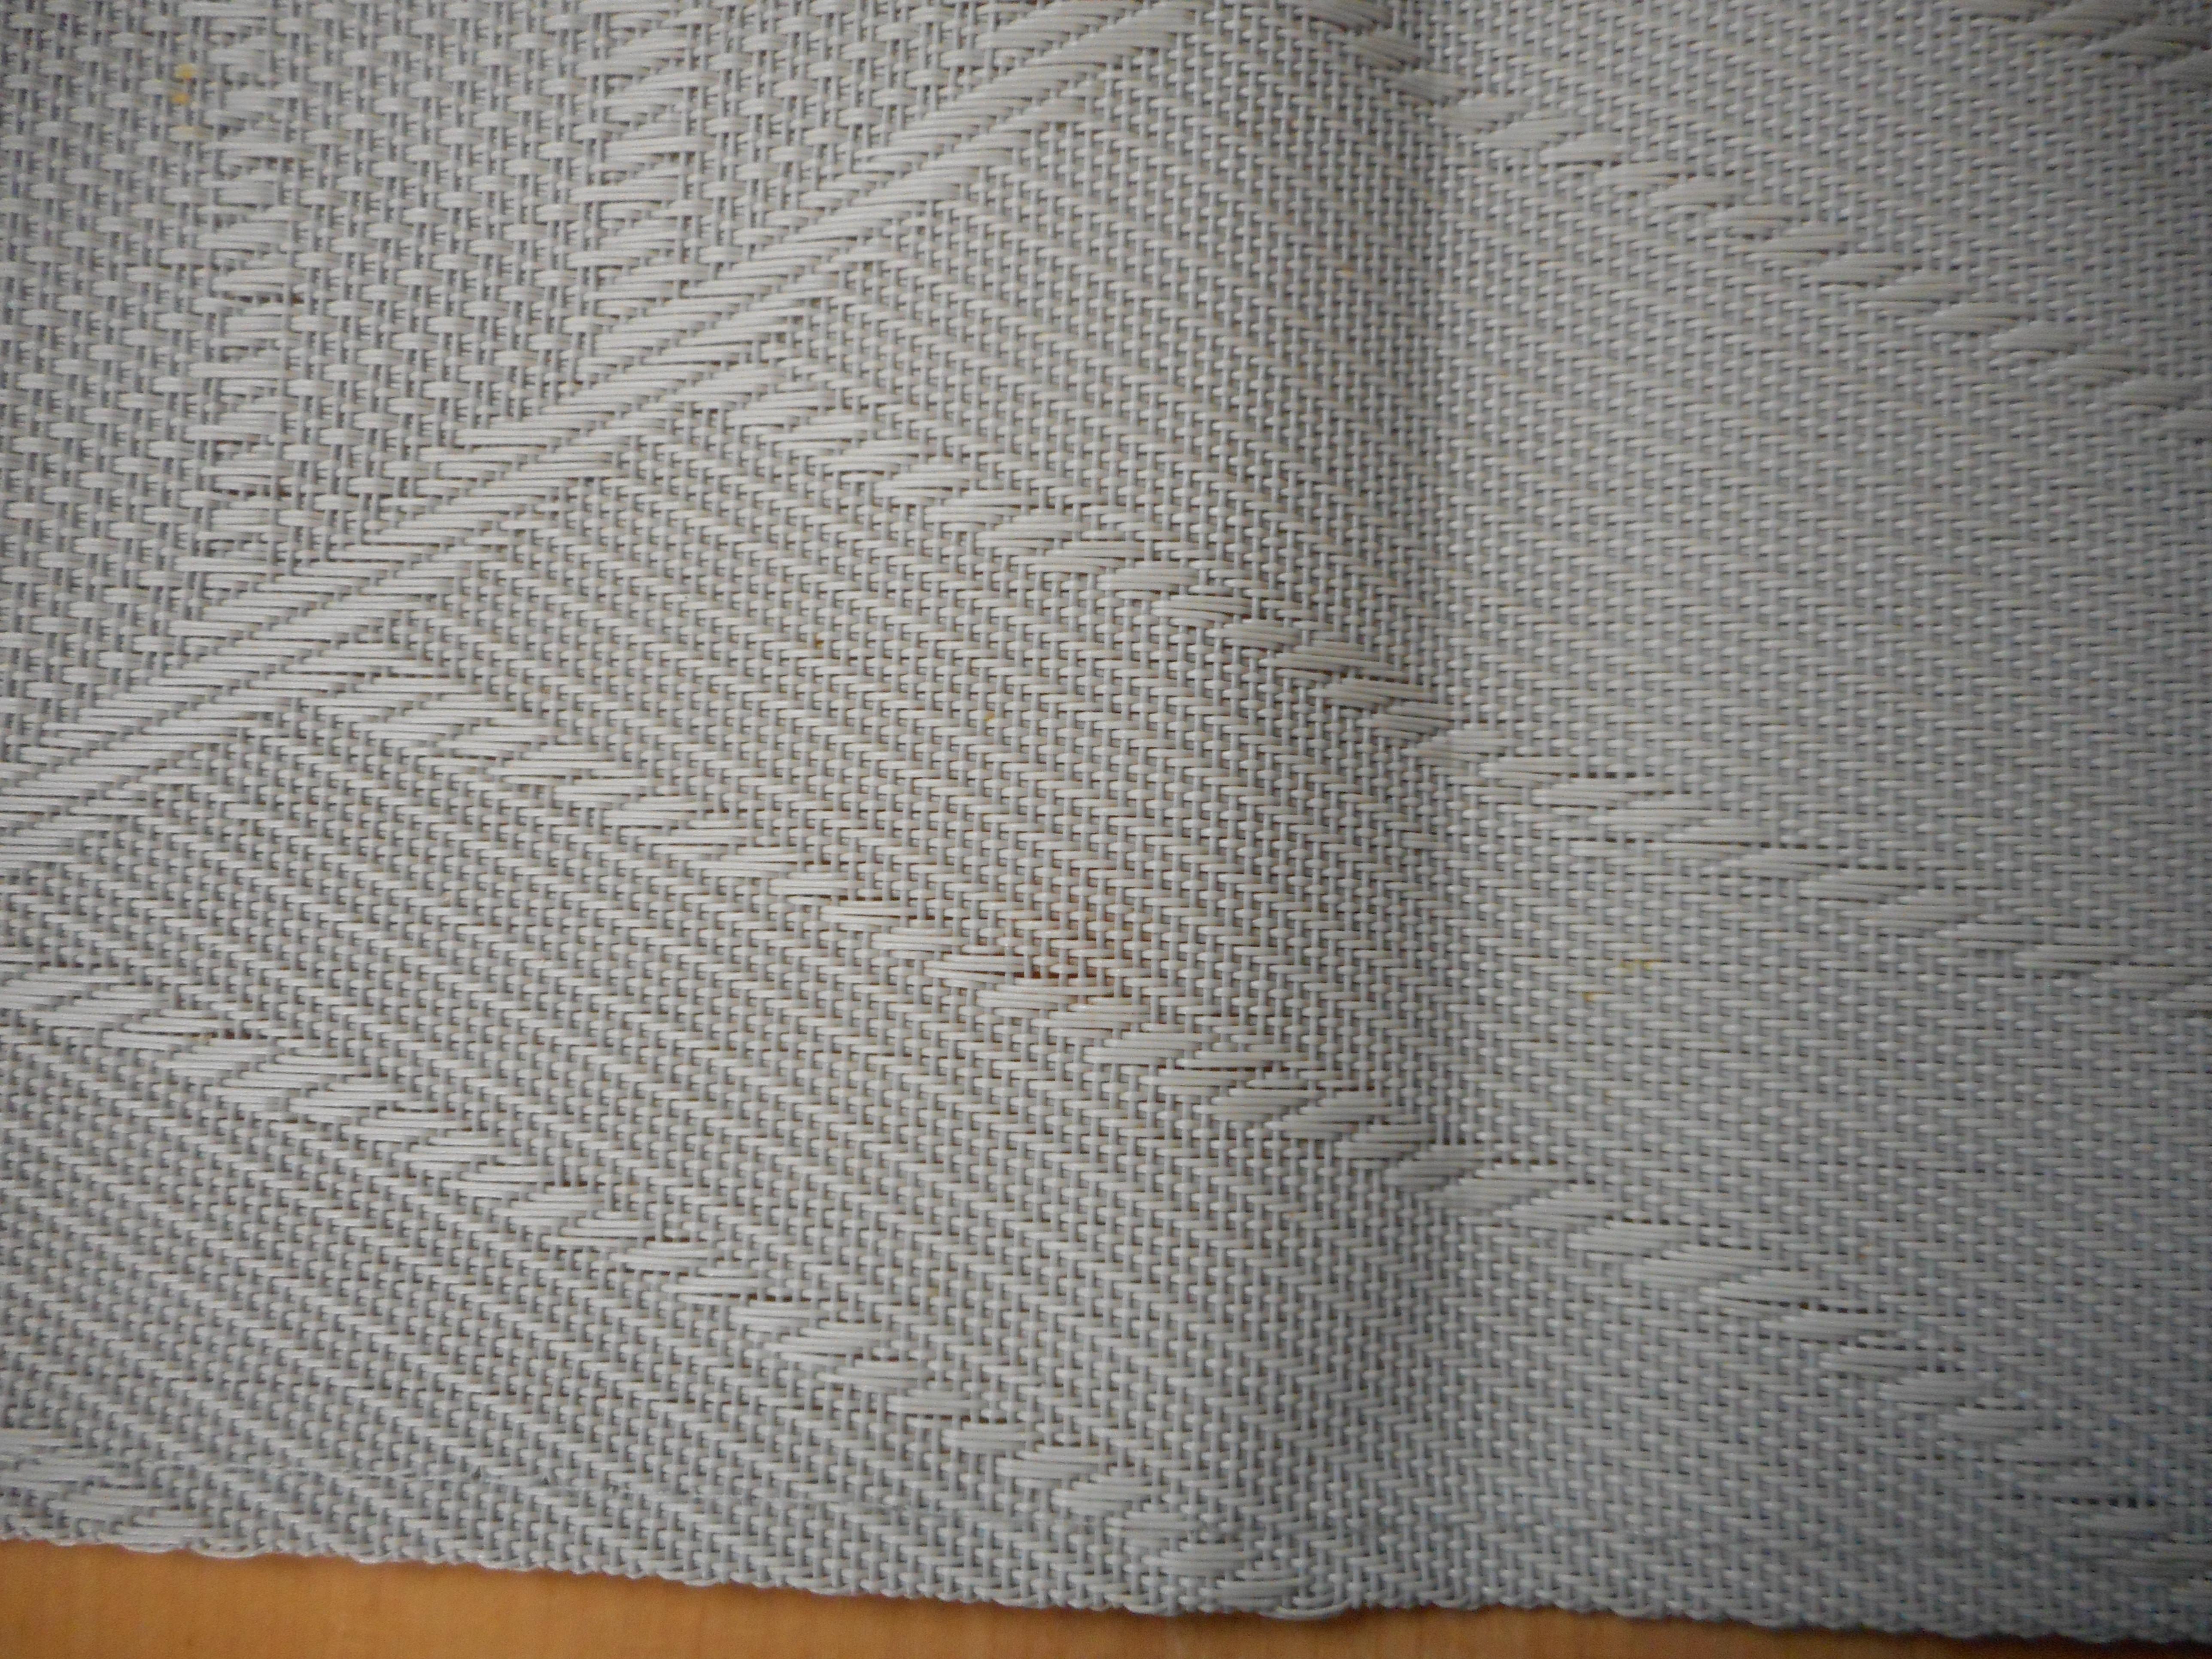 troc de troc set de table gris image 2